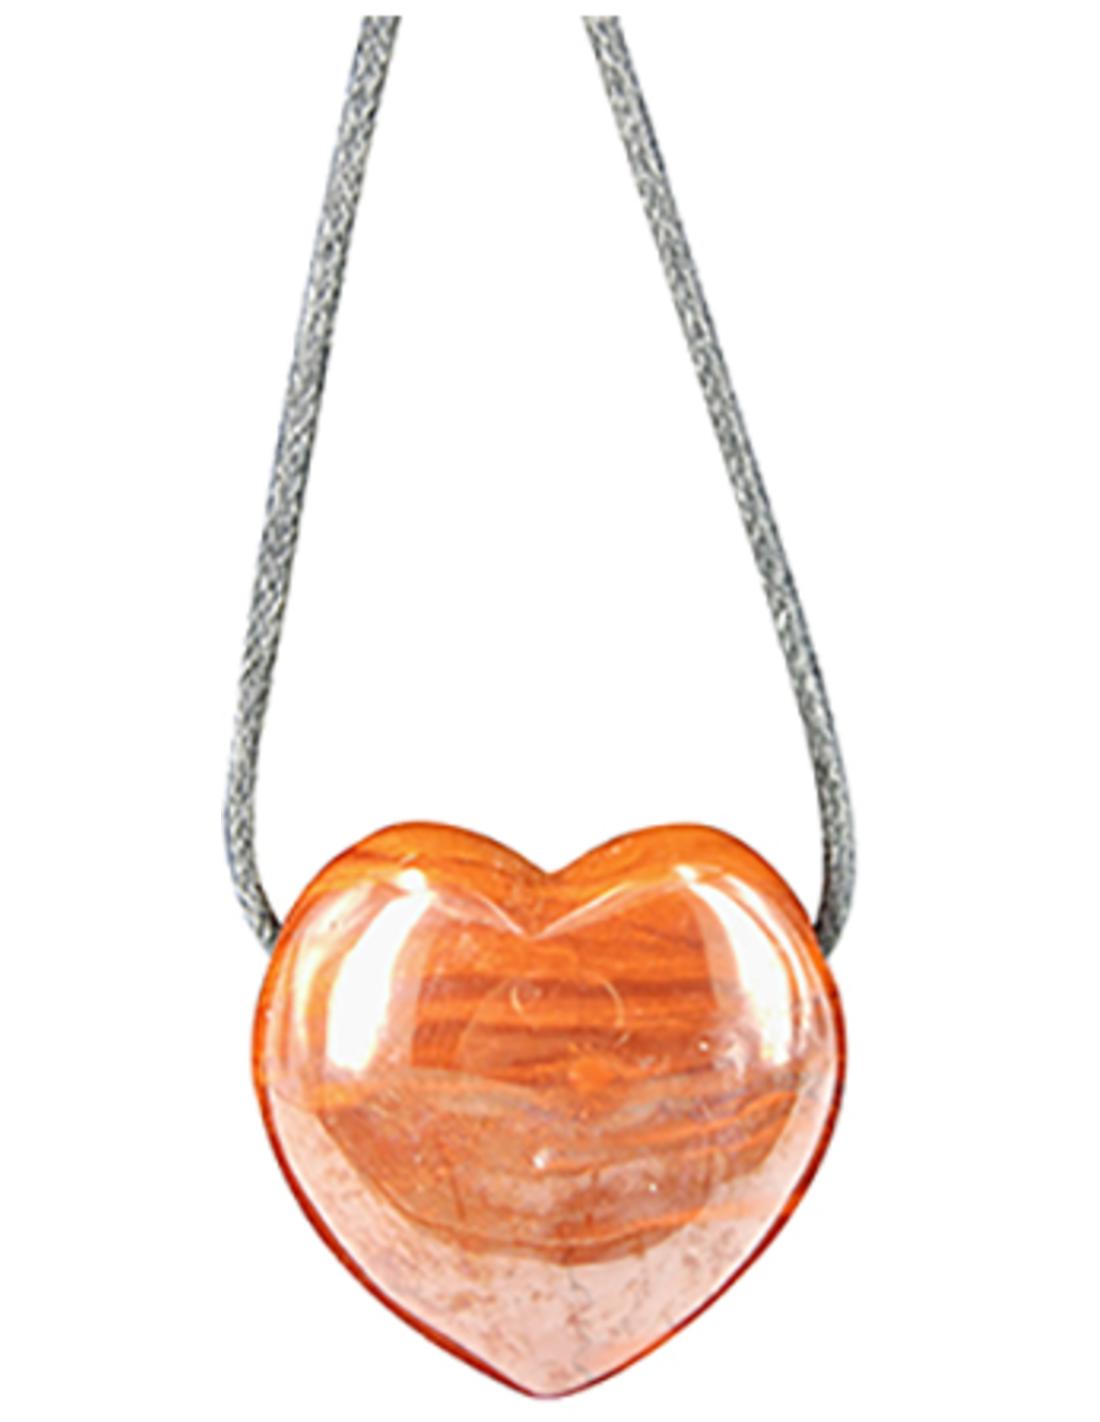 Jaspis rood hart hanger aan waskoord